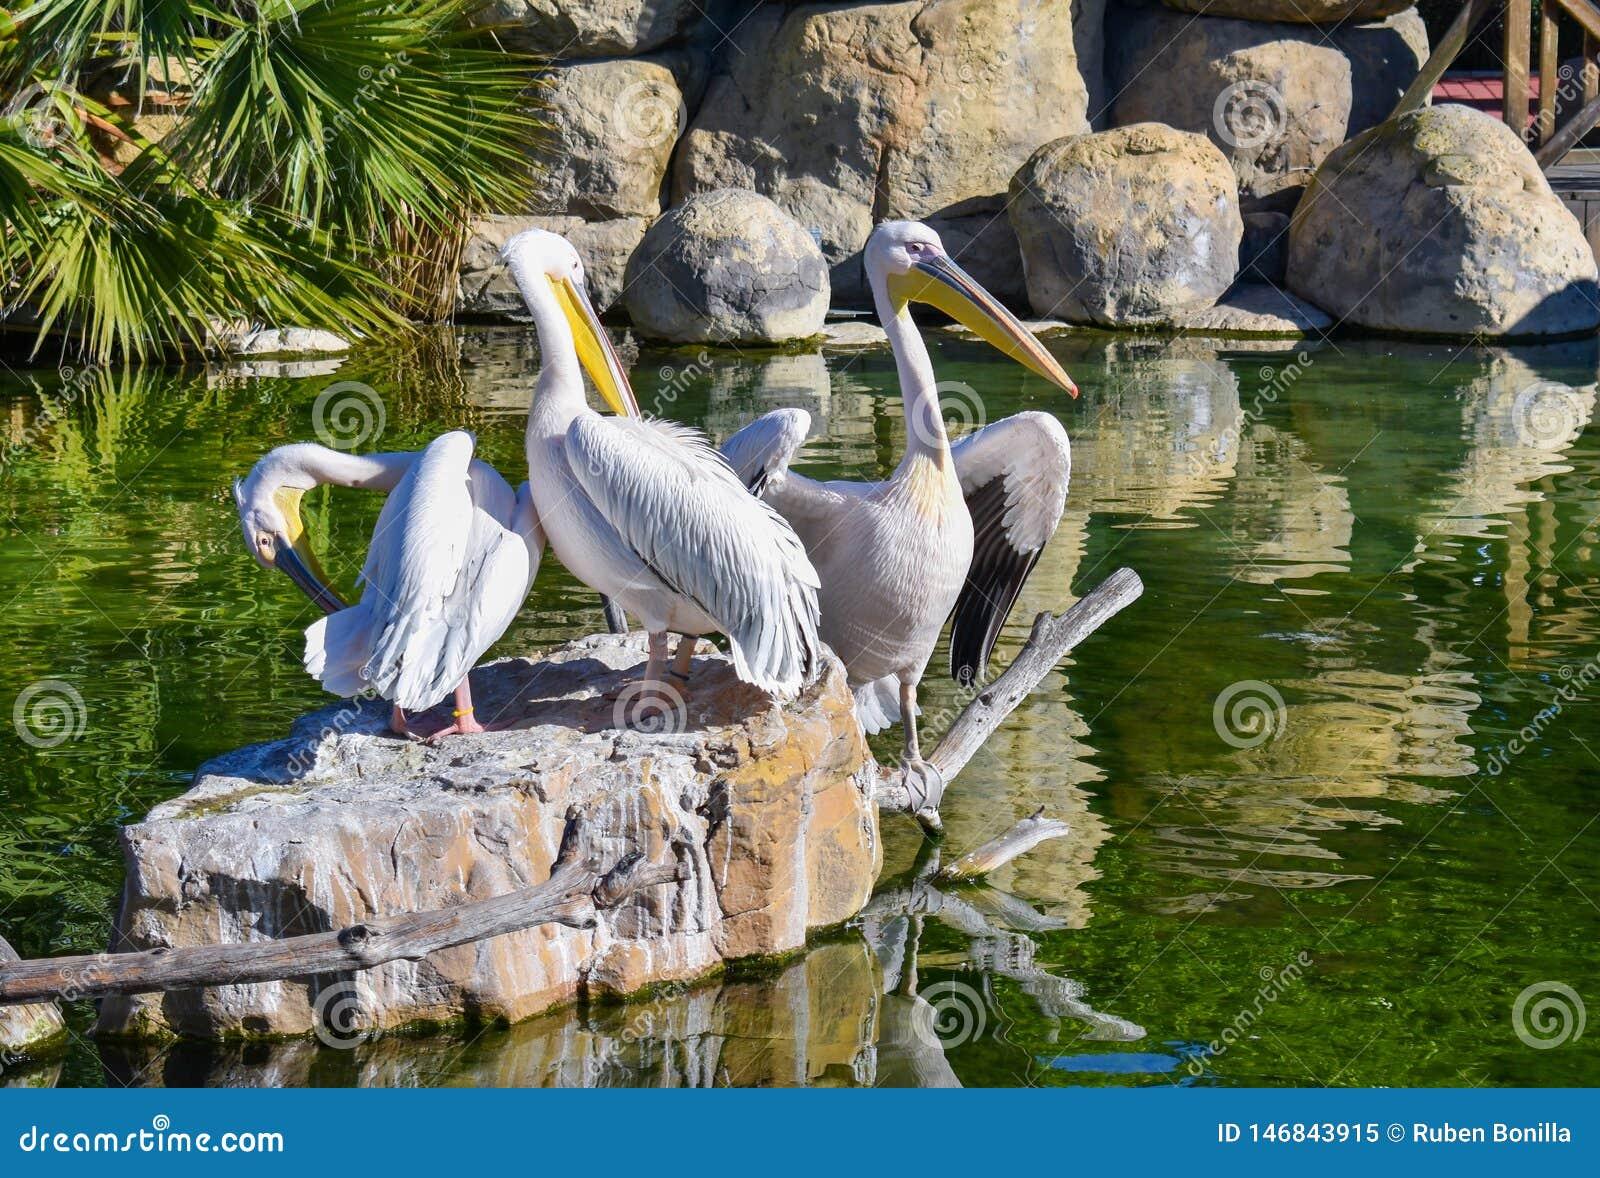 τρεις άσπροι πελεκάνοι στηρίζονται σε έναν βράχο σε μια πράσινη λίμνη νερού Ένας πελεκάνος είναι ανοιγμένα γραπτά φτερά για να το